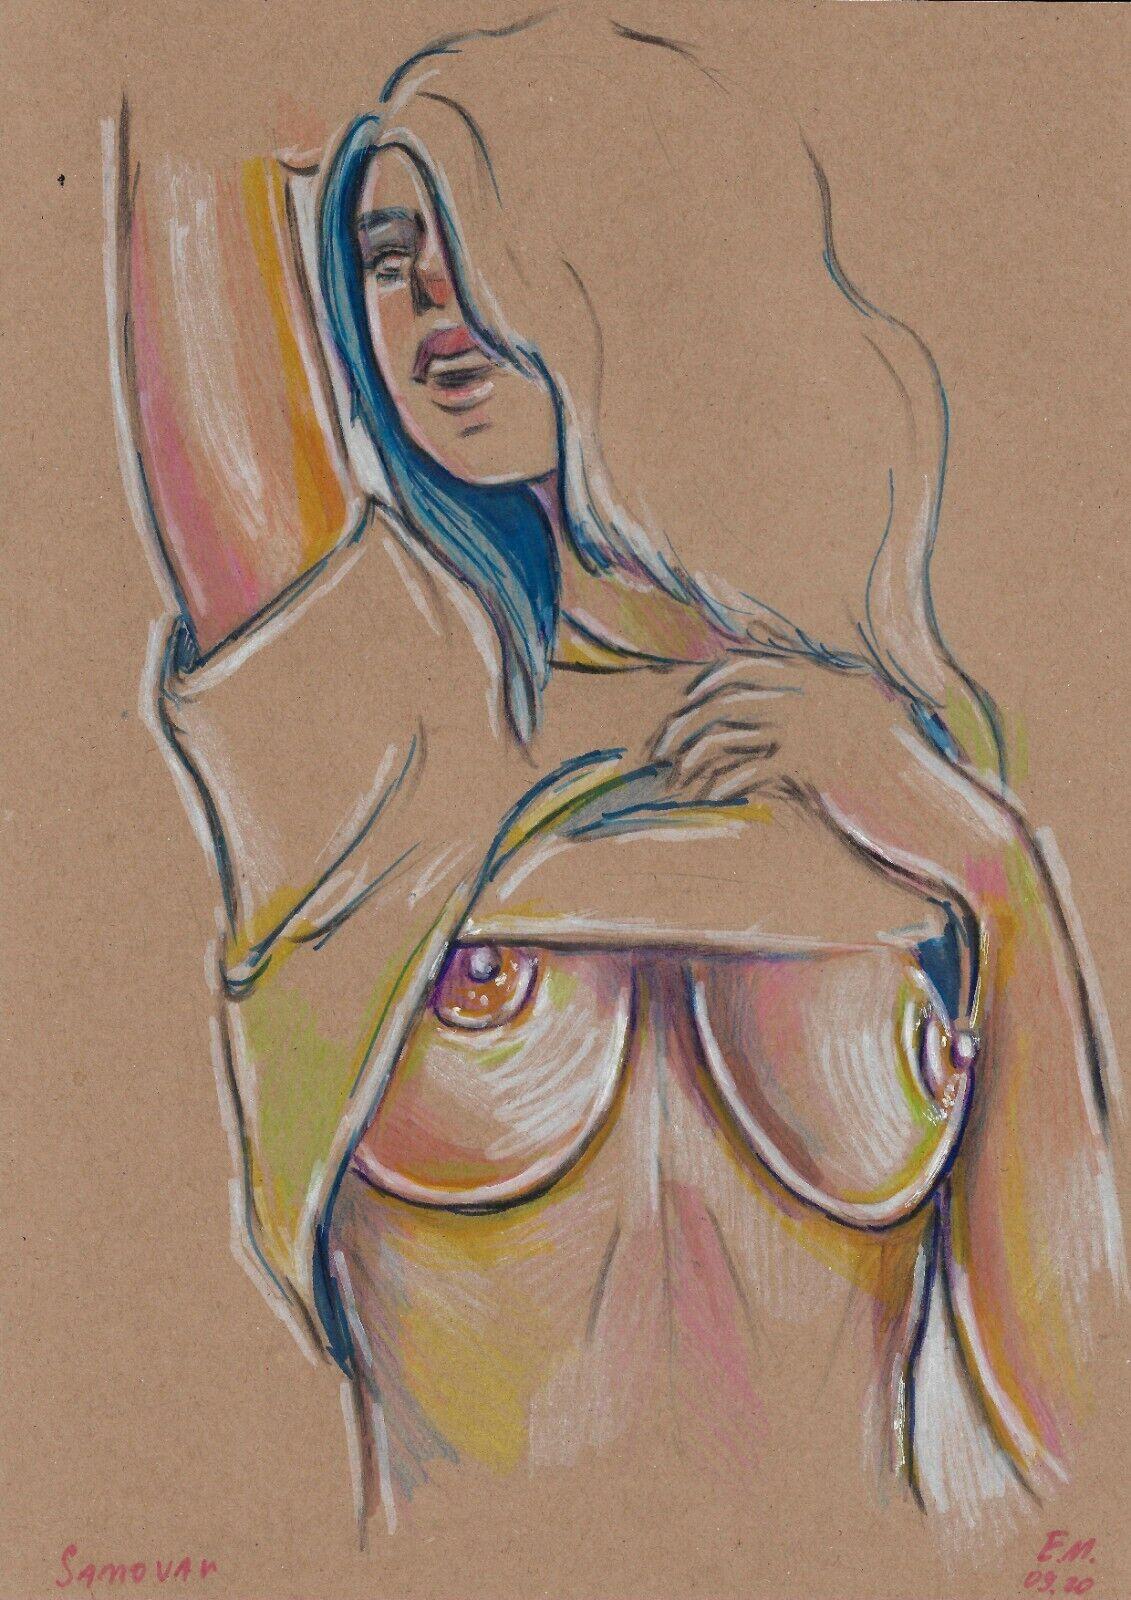 Original Drawing A4 113VE Art Samovar Kraft Paper Colored Marker Female Nude - $2.68